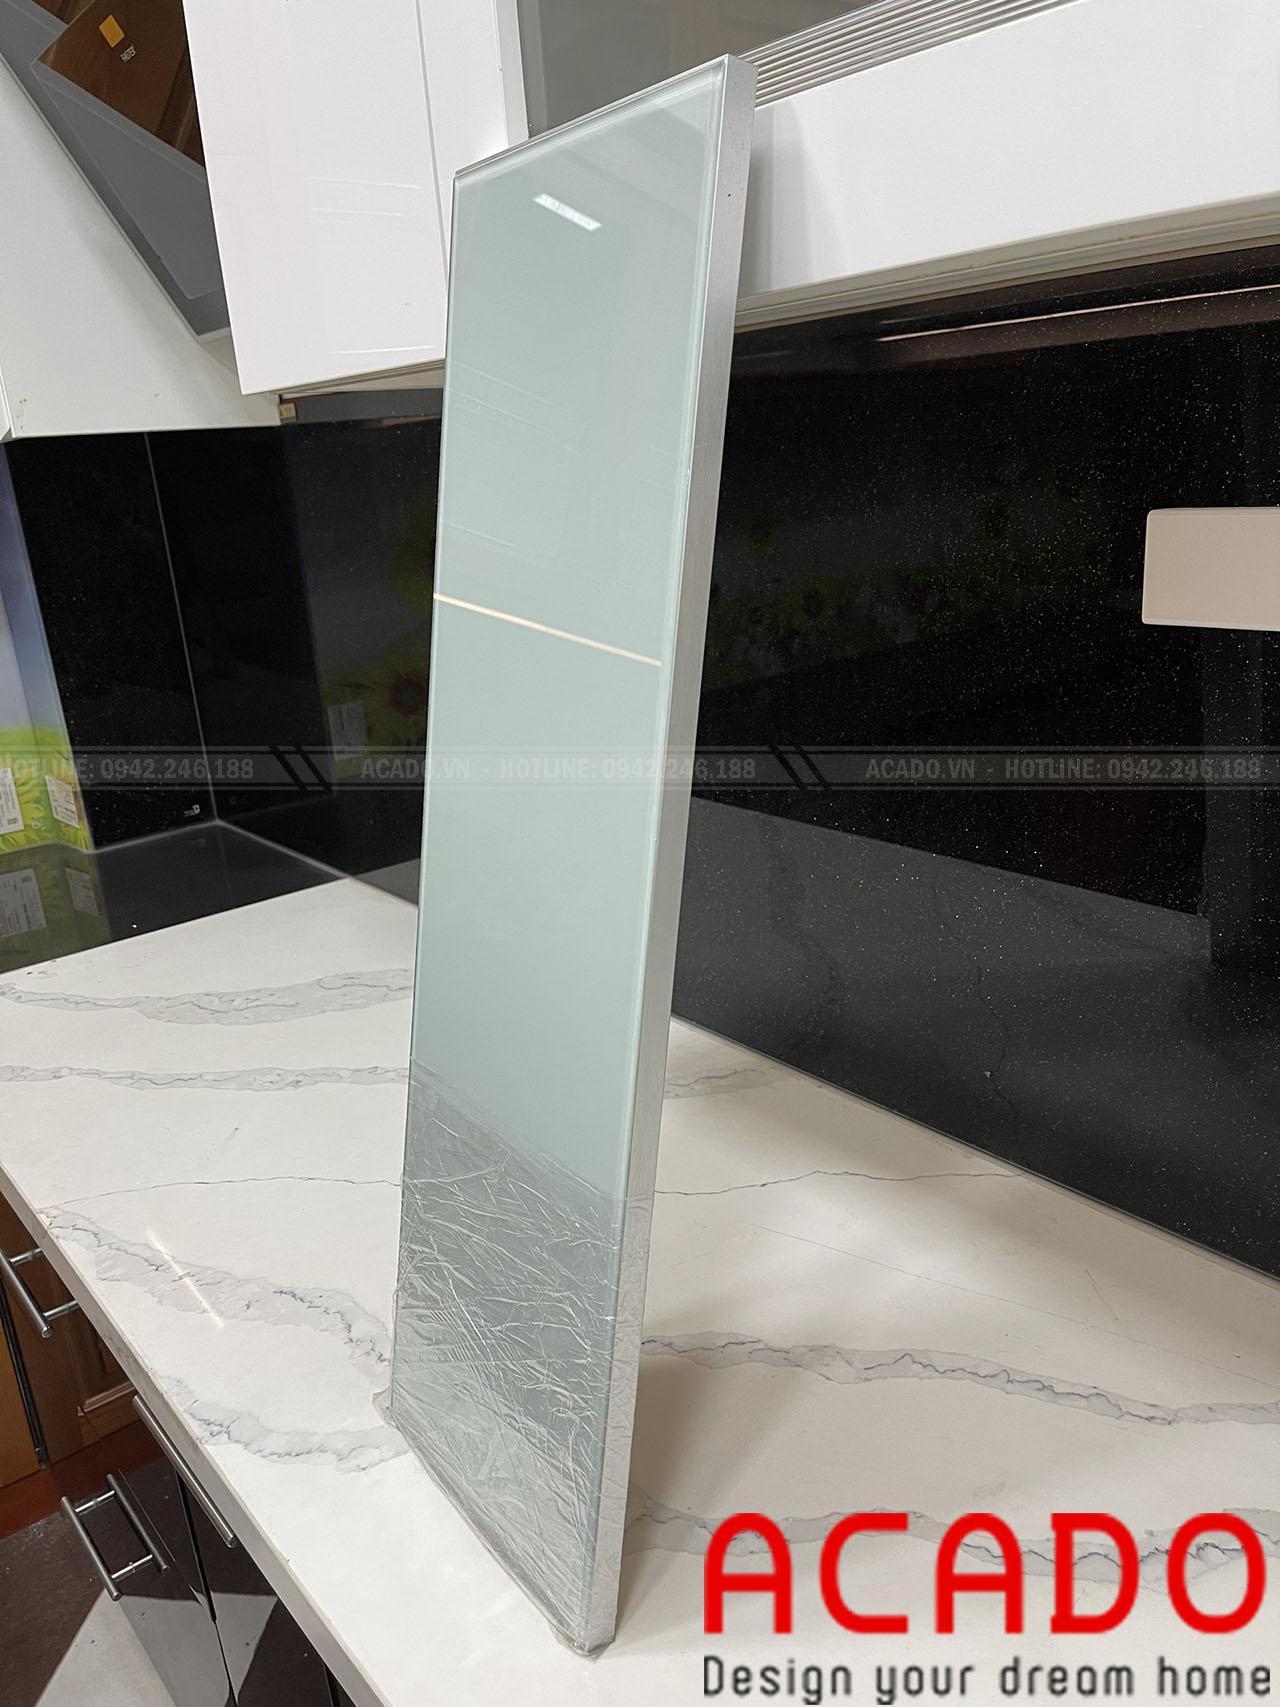 Phần mép cánh có 3 màu cơ bản đó là xám, bạc, đen giúp cho khách hàng có thể lựa trọn màu sắc sao cho phù hợp với không gian bếp